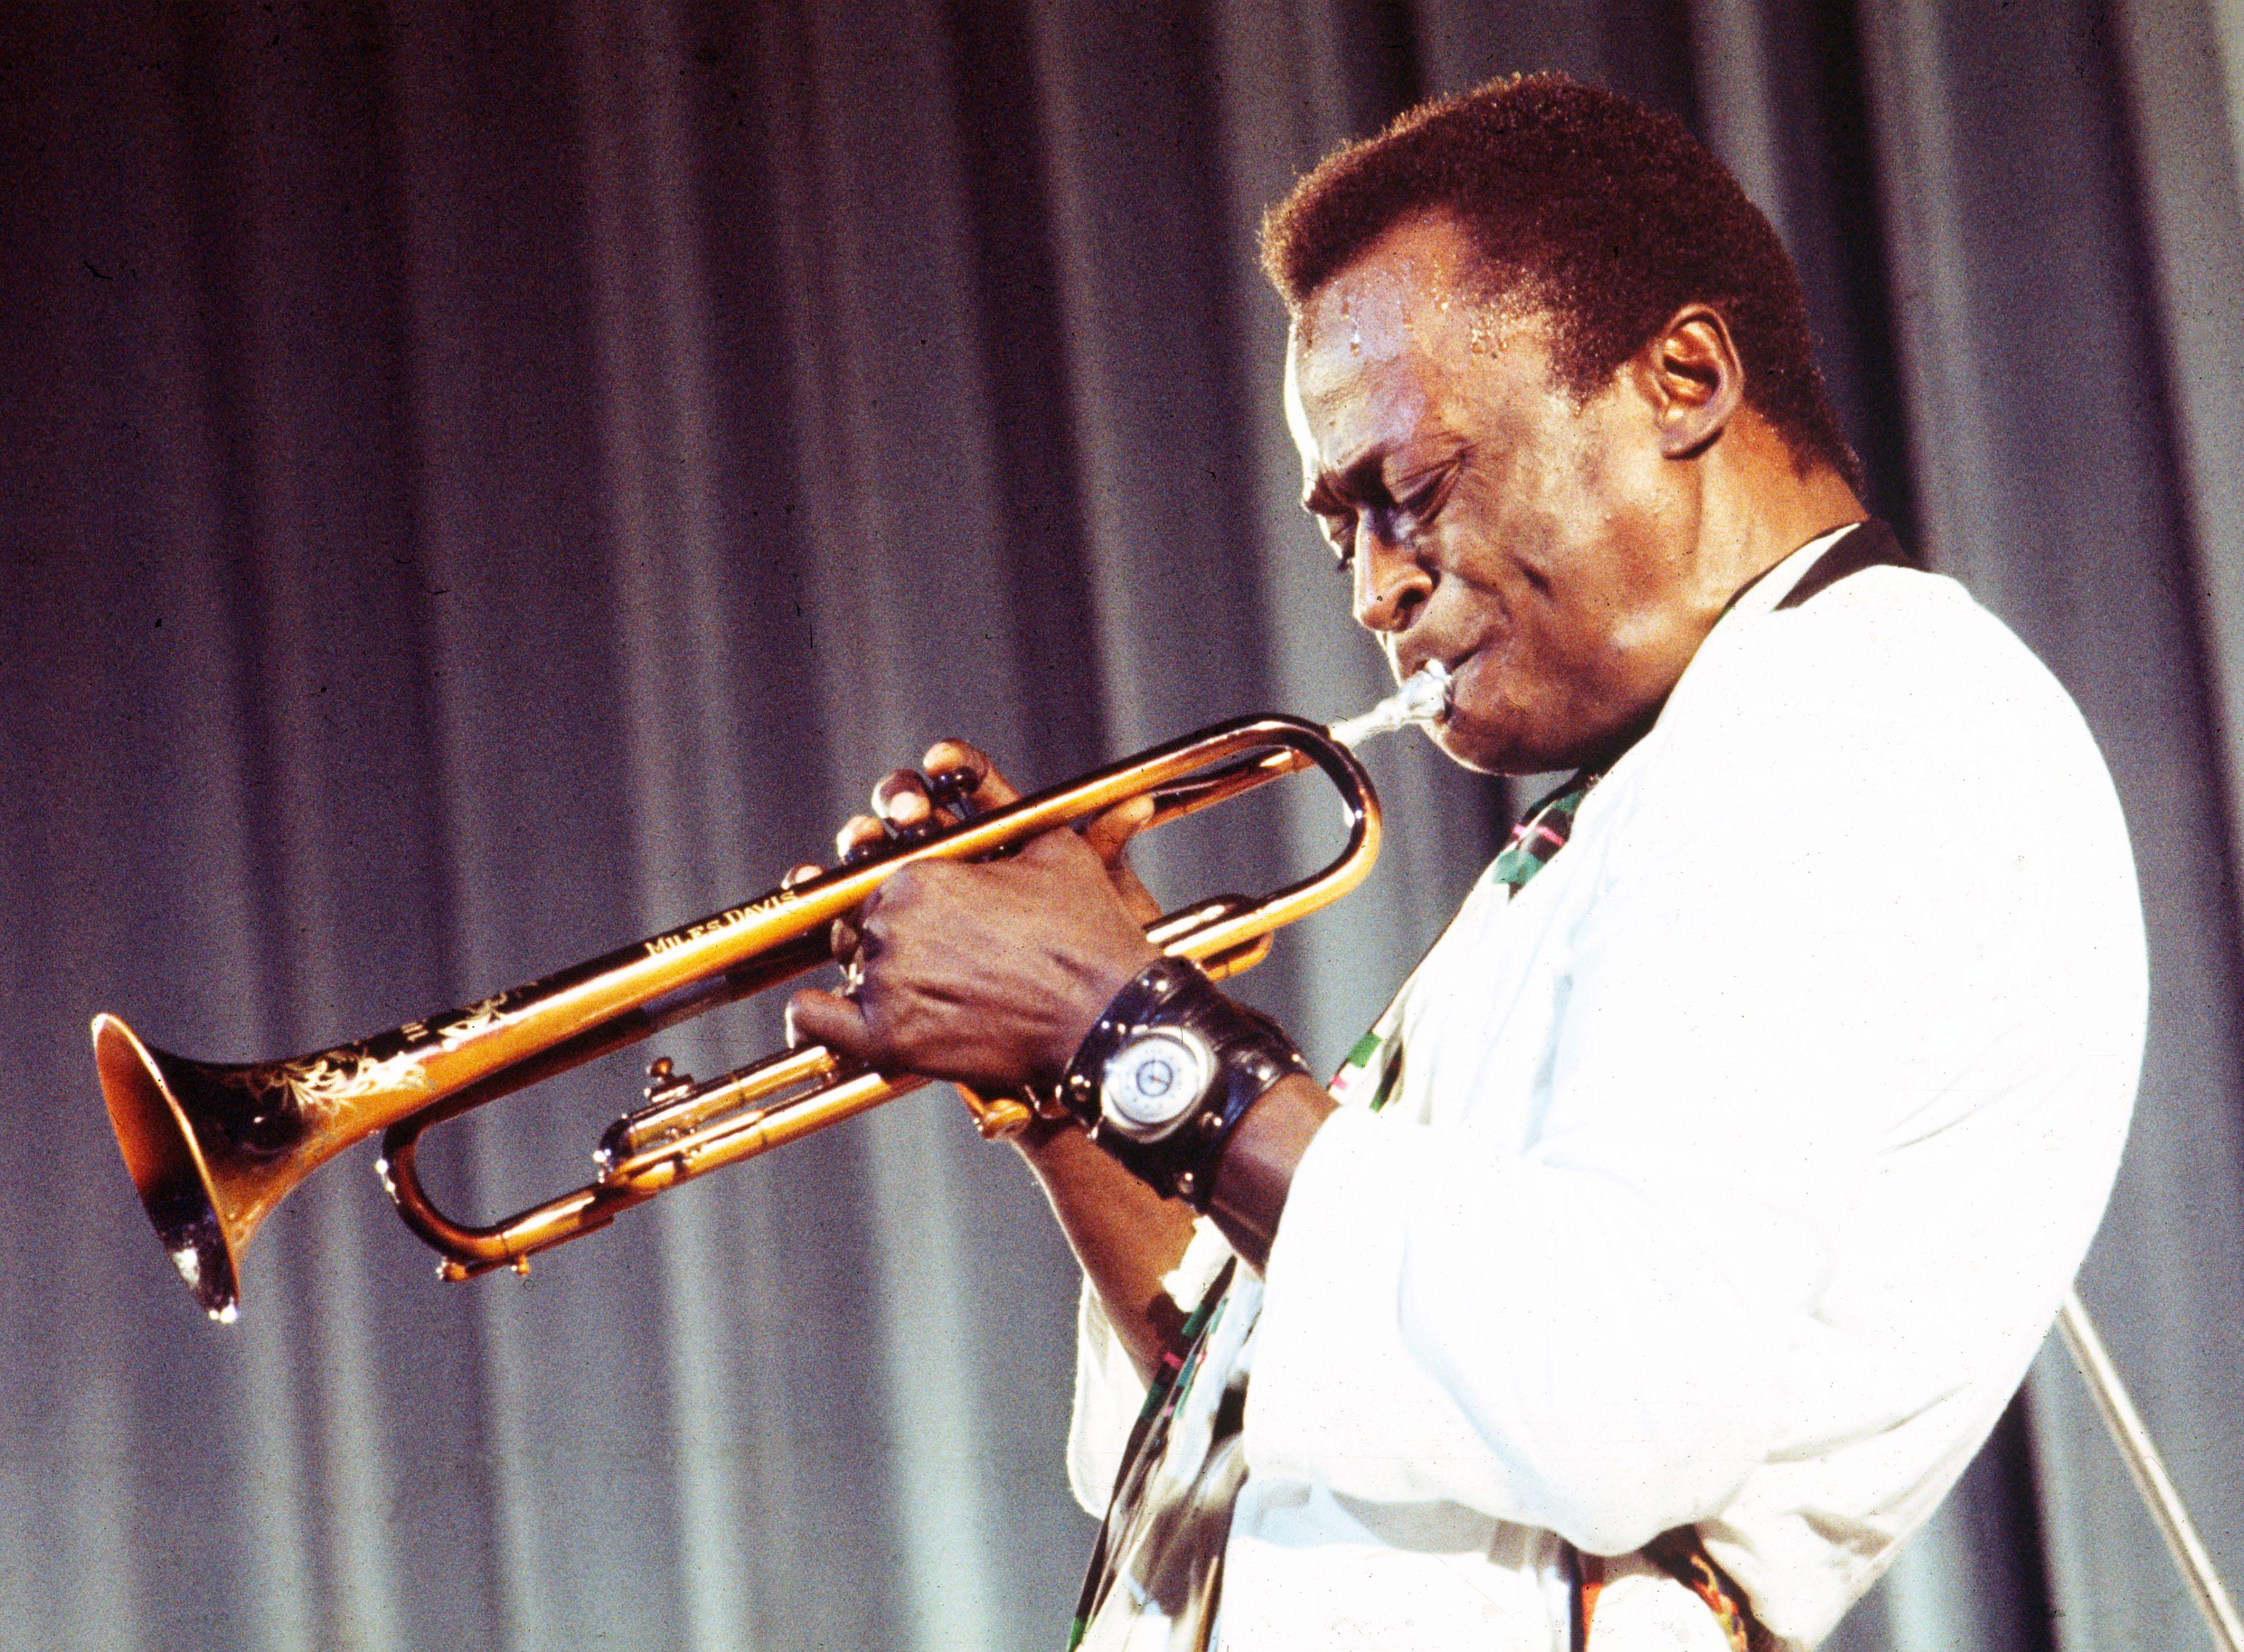 O Envolvimento de Miles Davis com o Hip-Hop